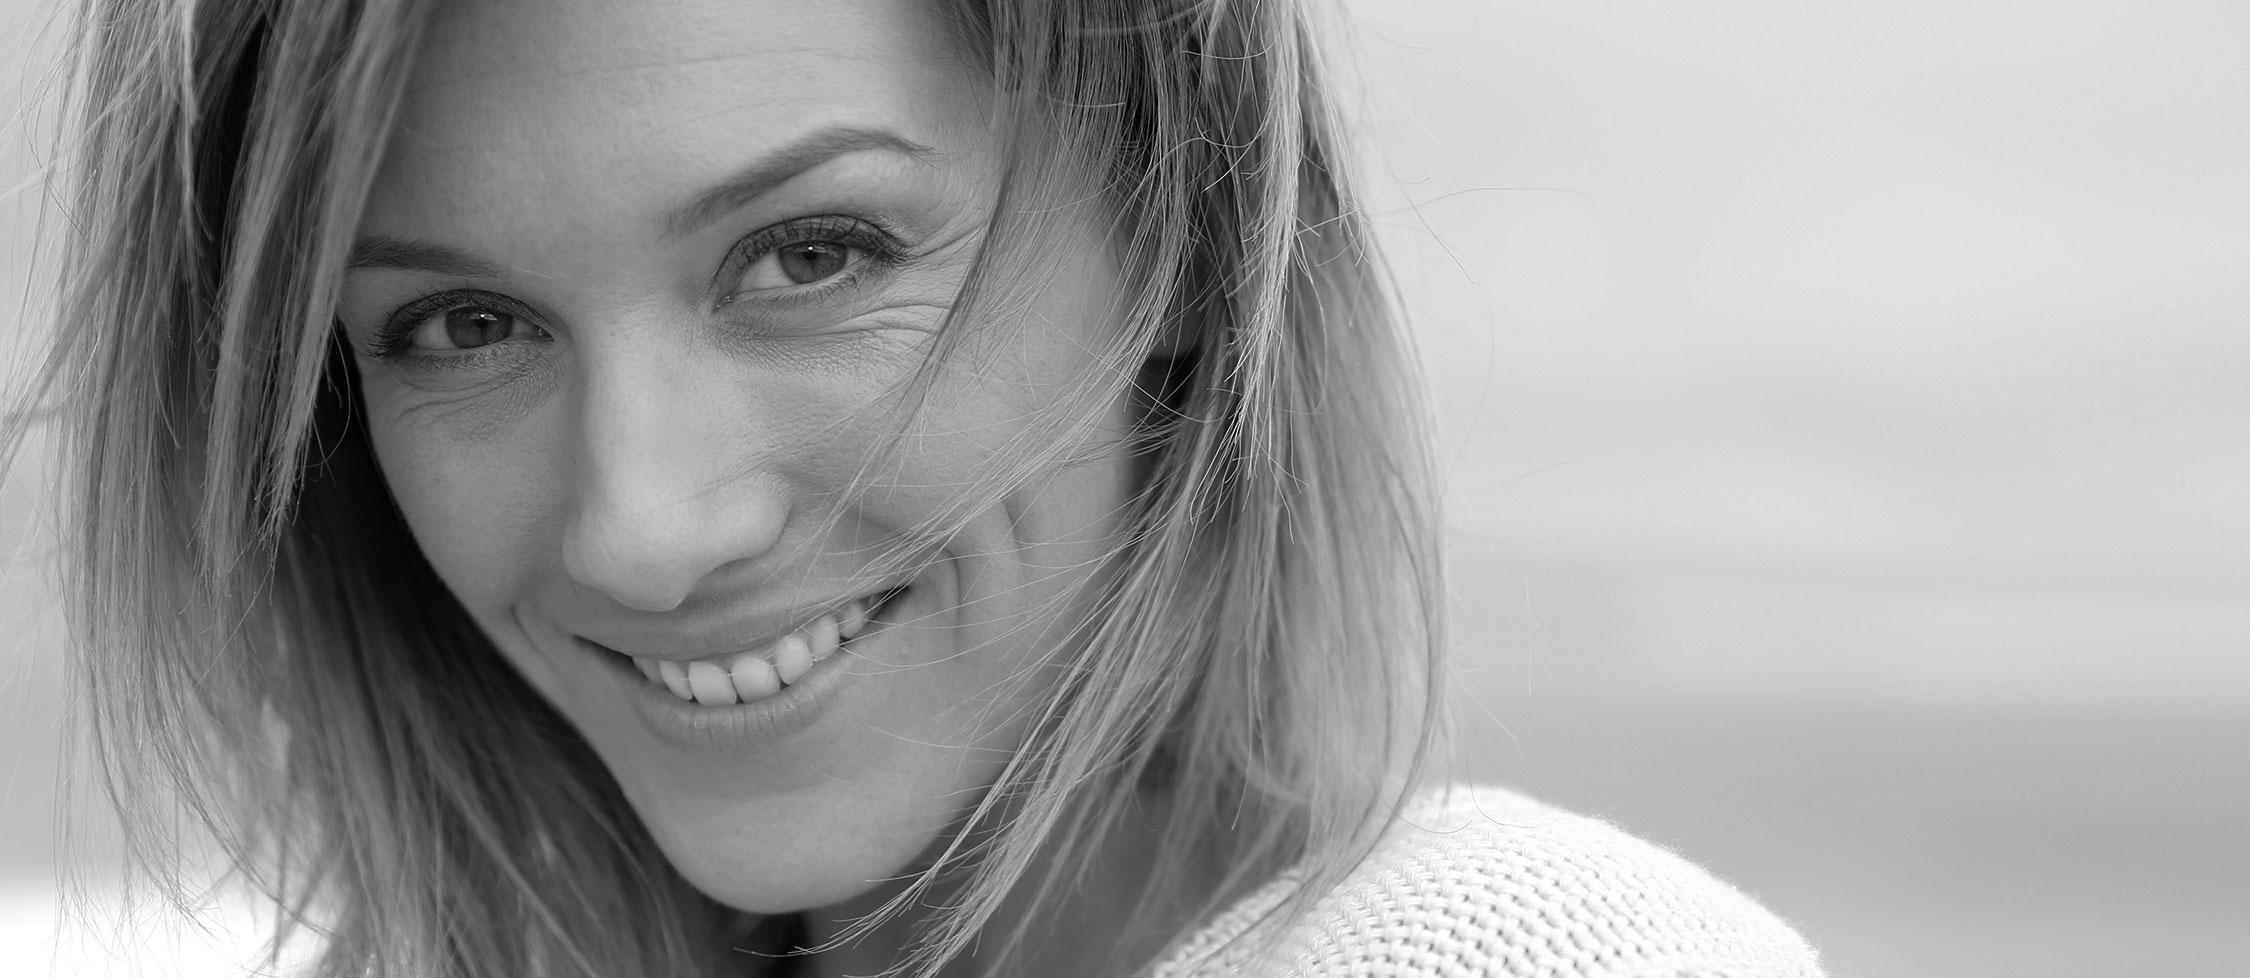 Traitement des rides à Lyon - chirurgie du nez et visage | Dr Durbec